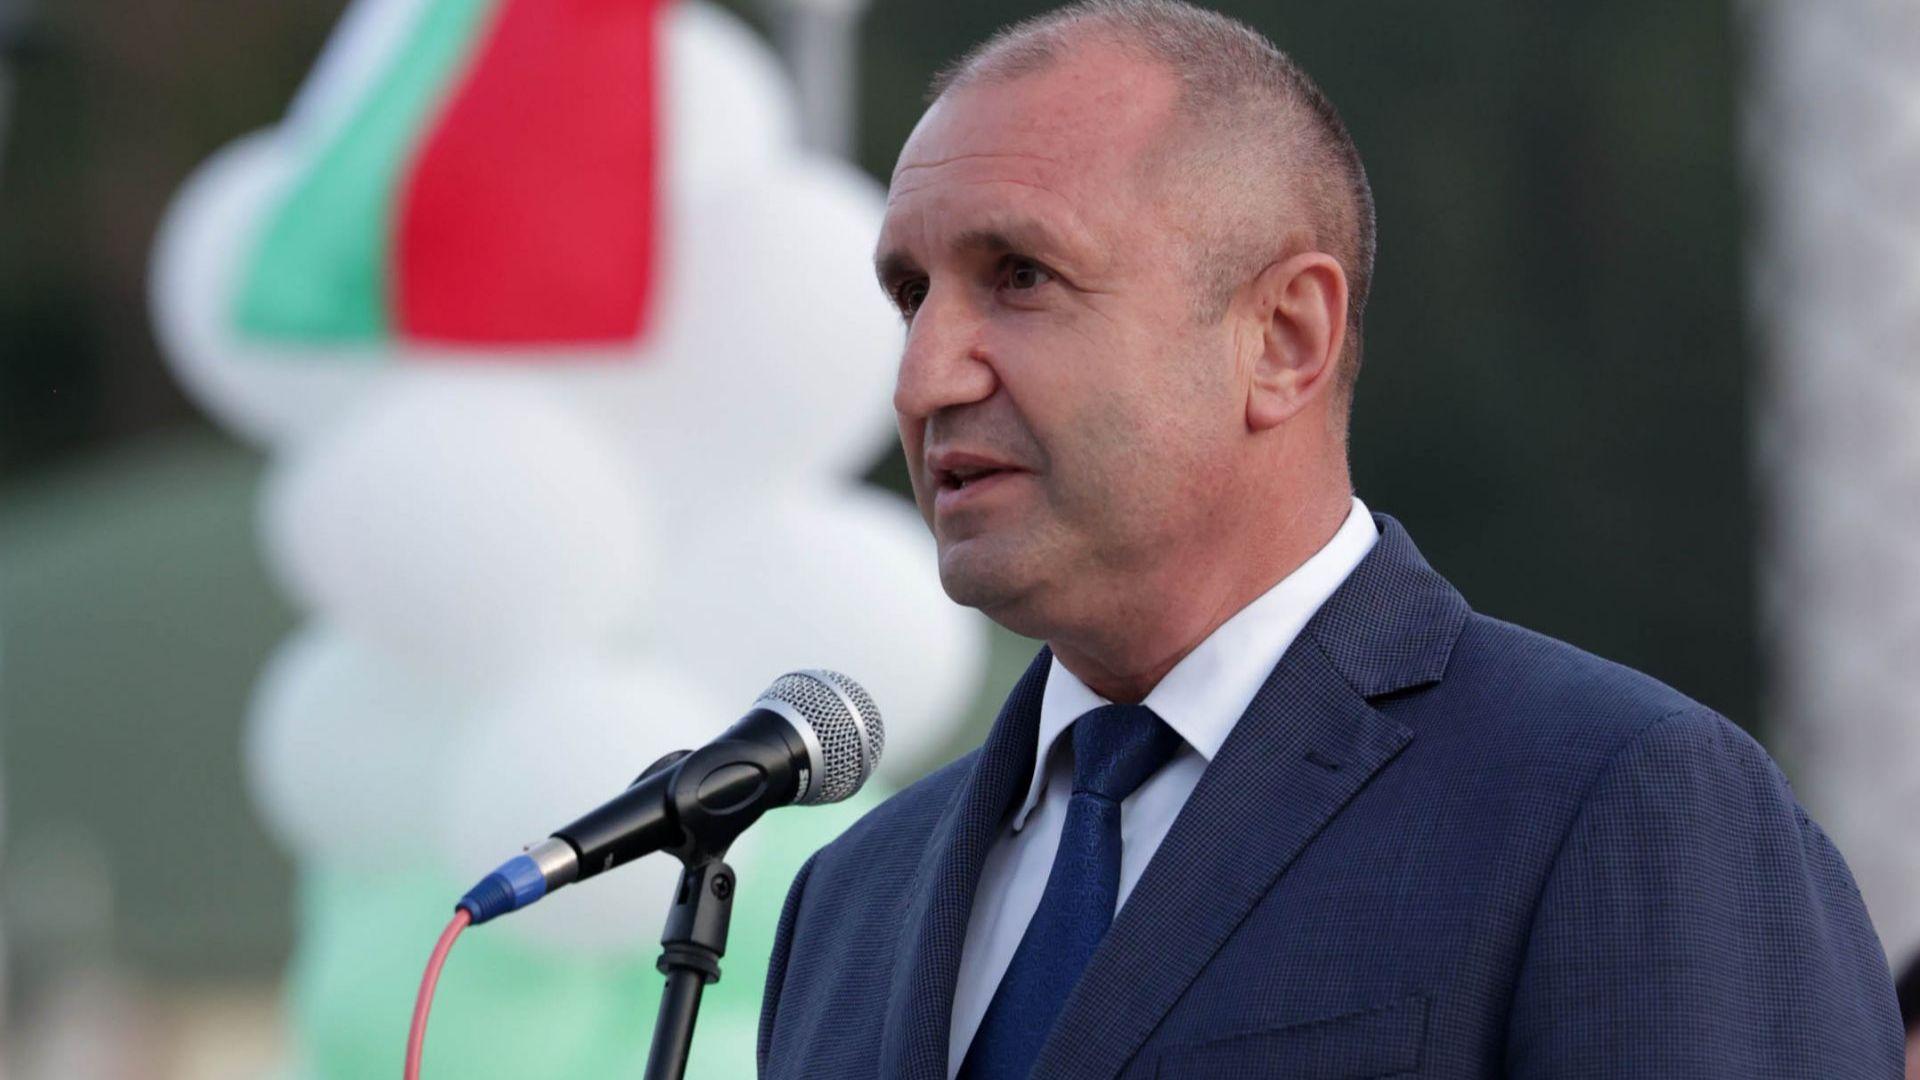 Радев: Борисов обвинява президентството в диктатура, да спечели изборите и да внесе демокрация (видео)